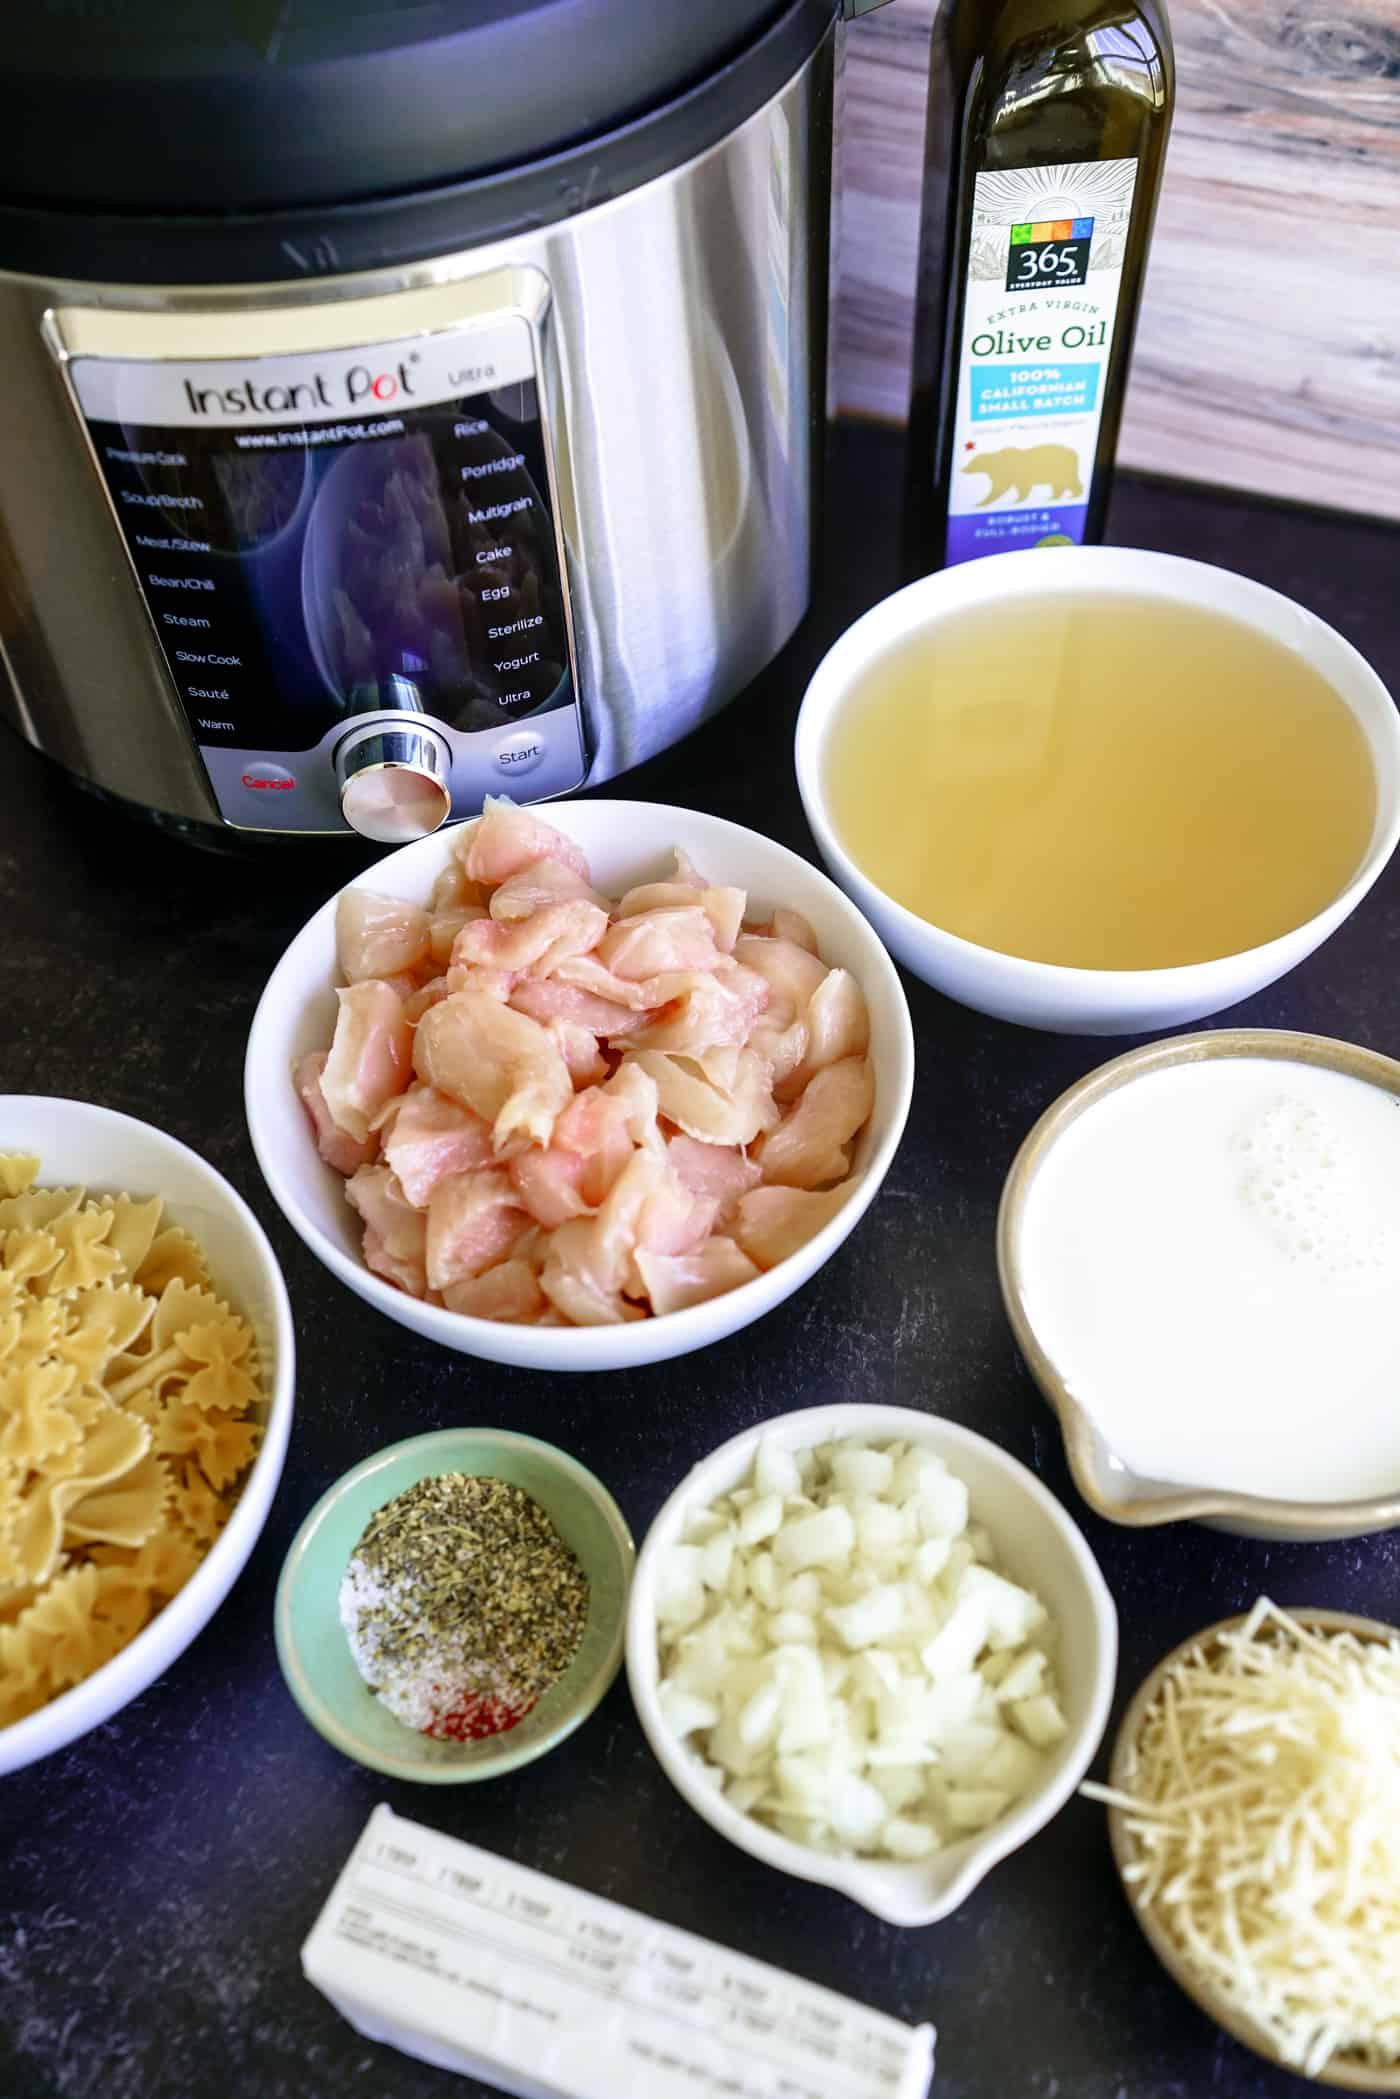 Ingredients to make Instant Pot Creamy Chicken Pasta